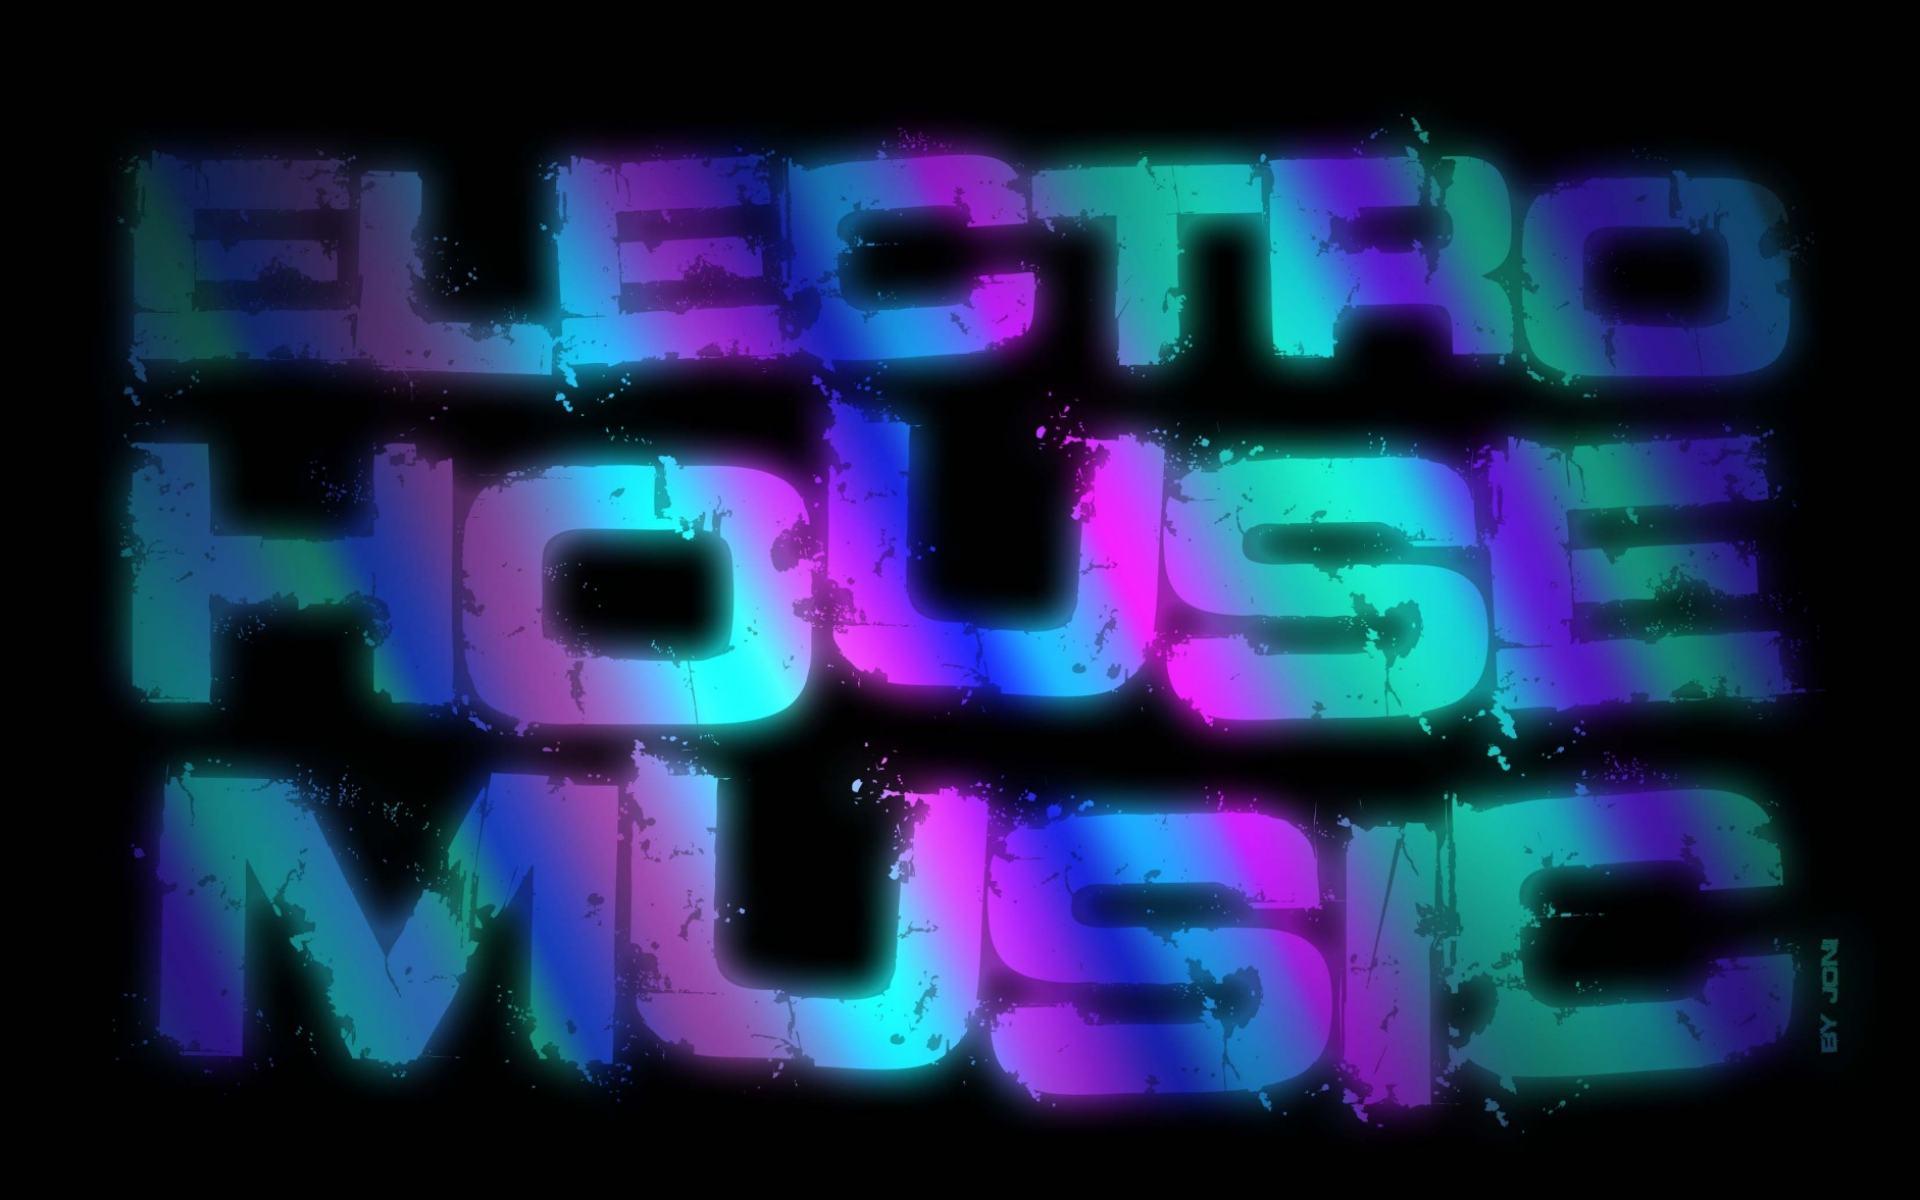 музыка электро диджей слушать